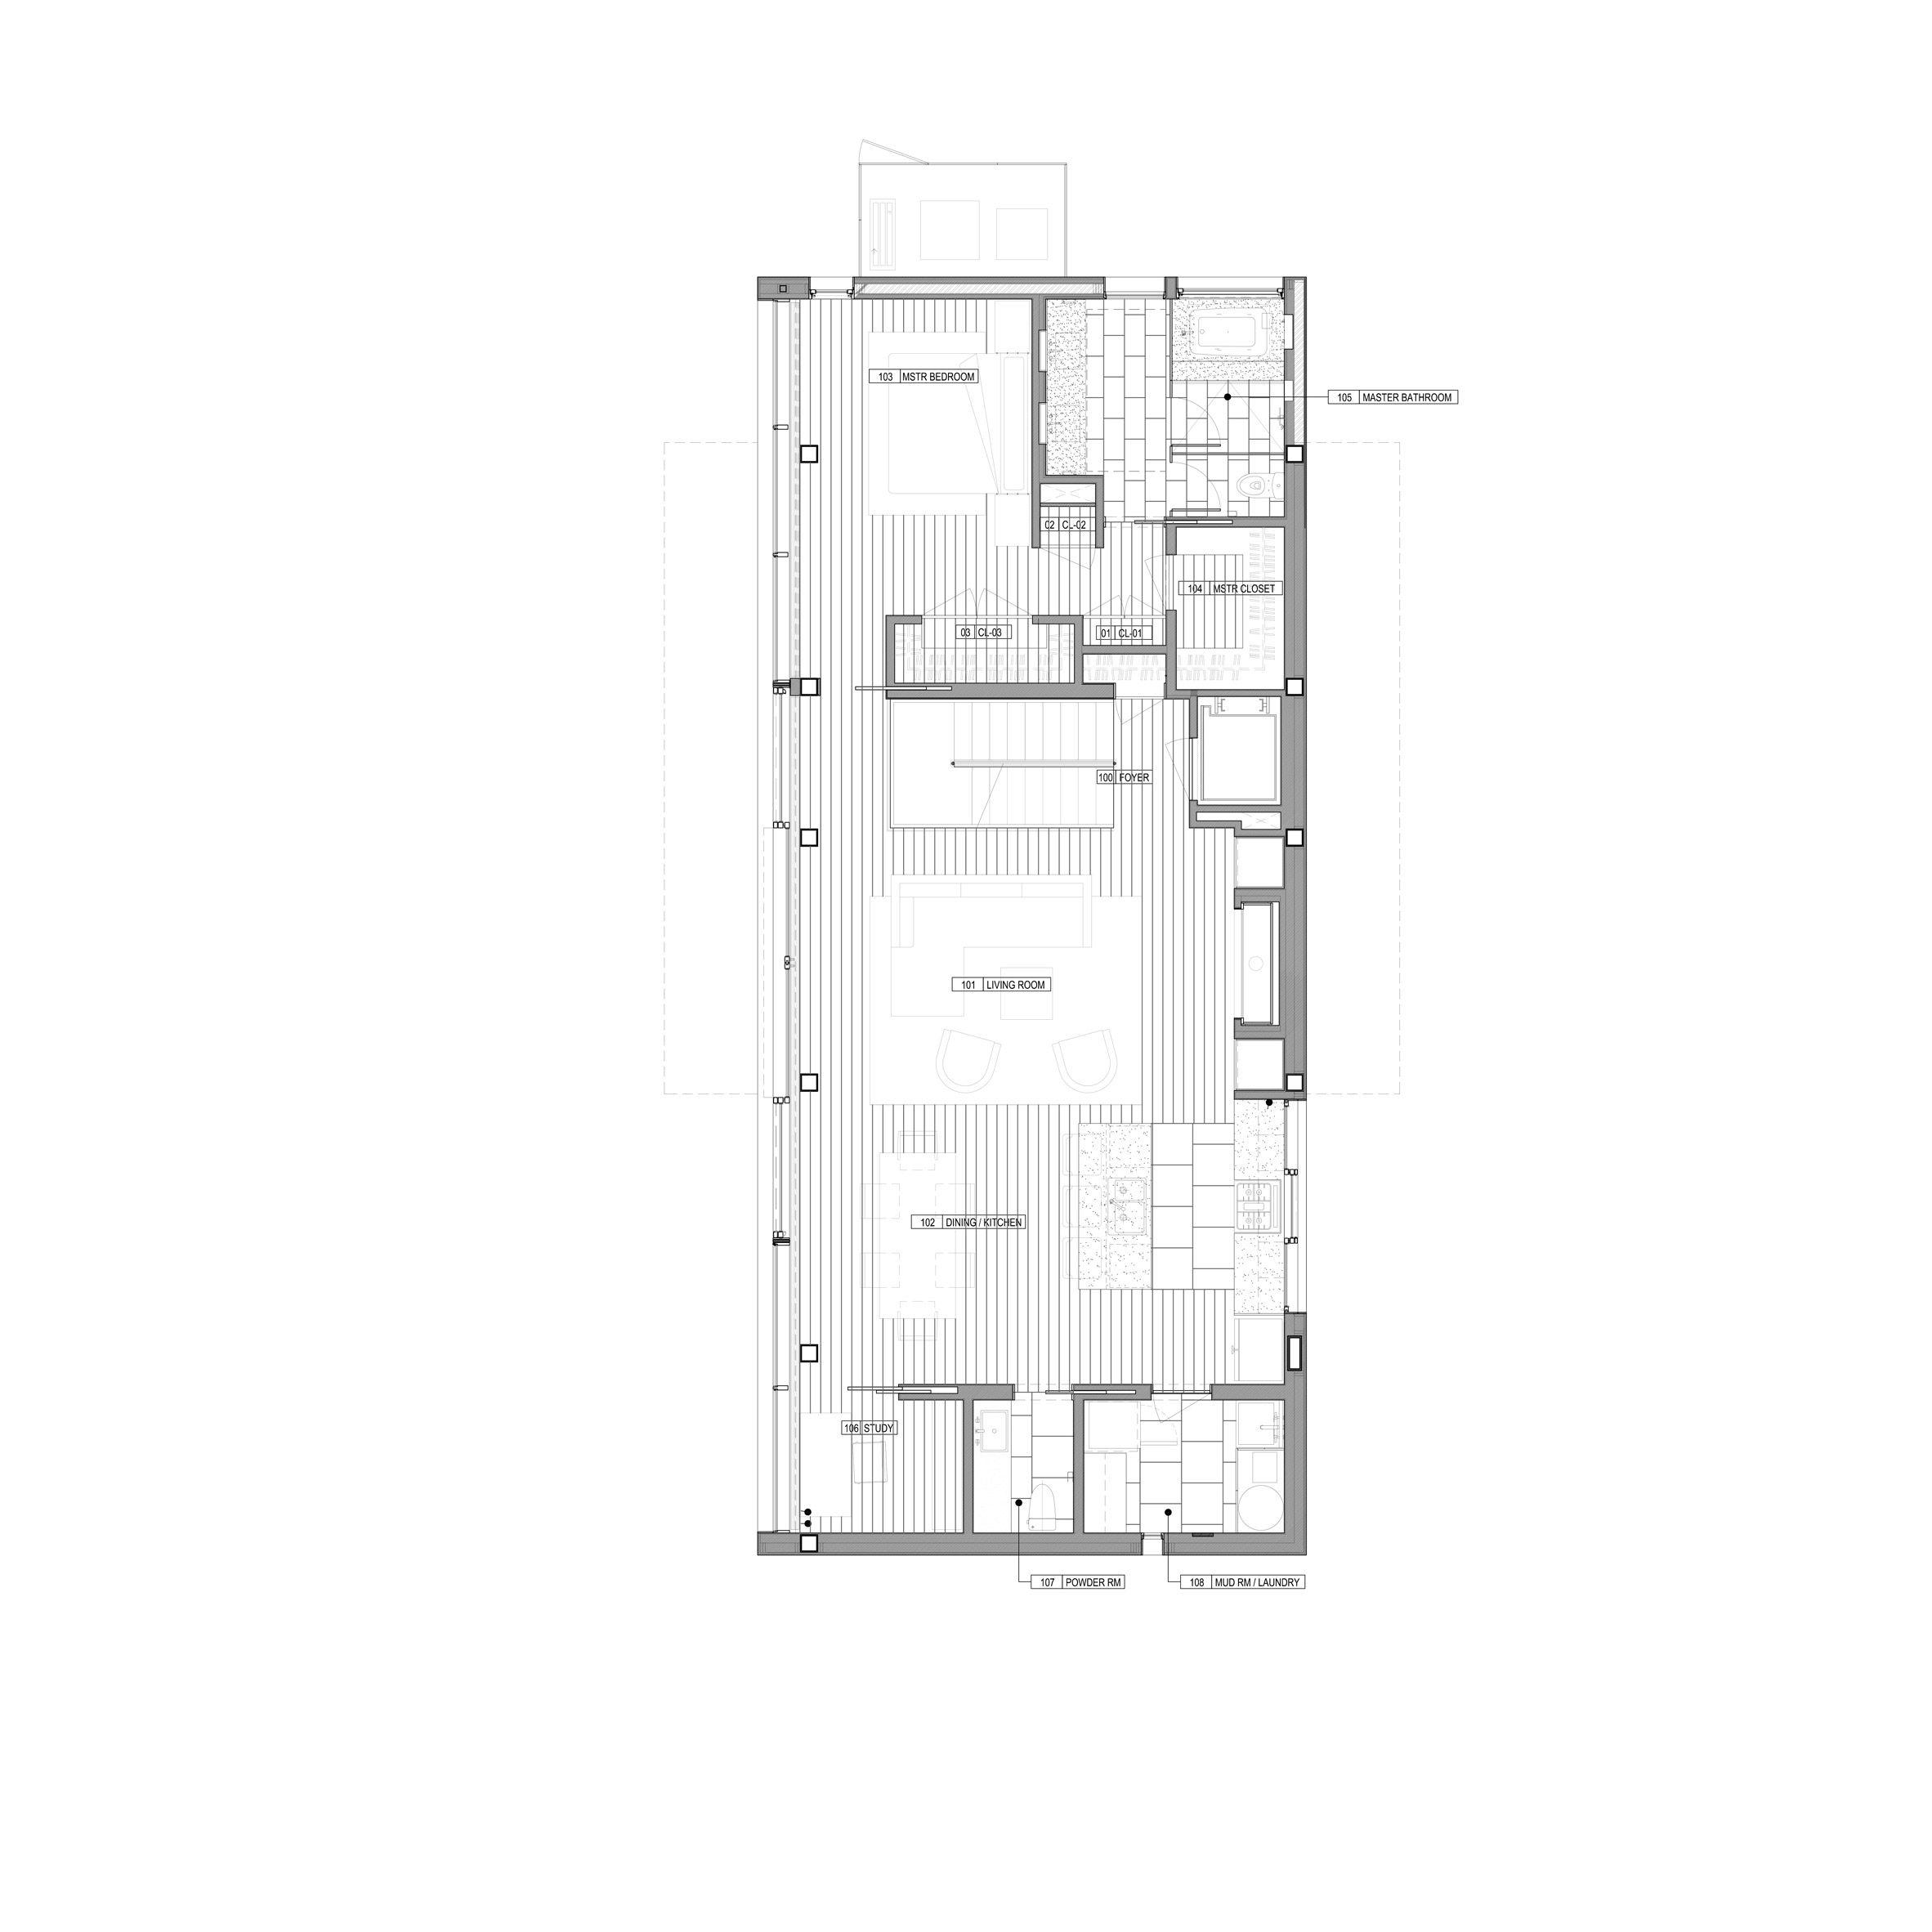 Pale Cedar Beach House By Raad Studio Perches Atop A Sand Dune Floor Plans Beach Floor Plans Cabin Floor Plans